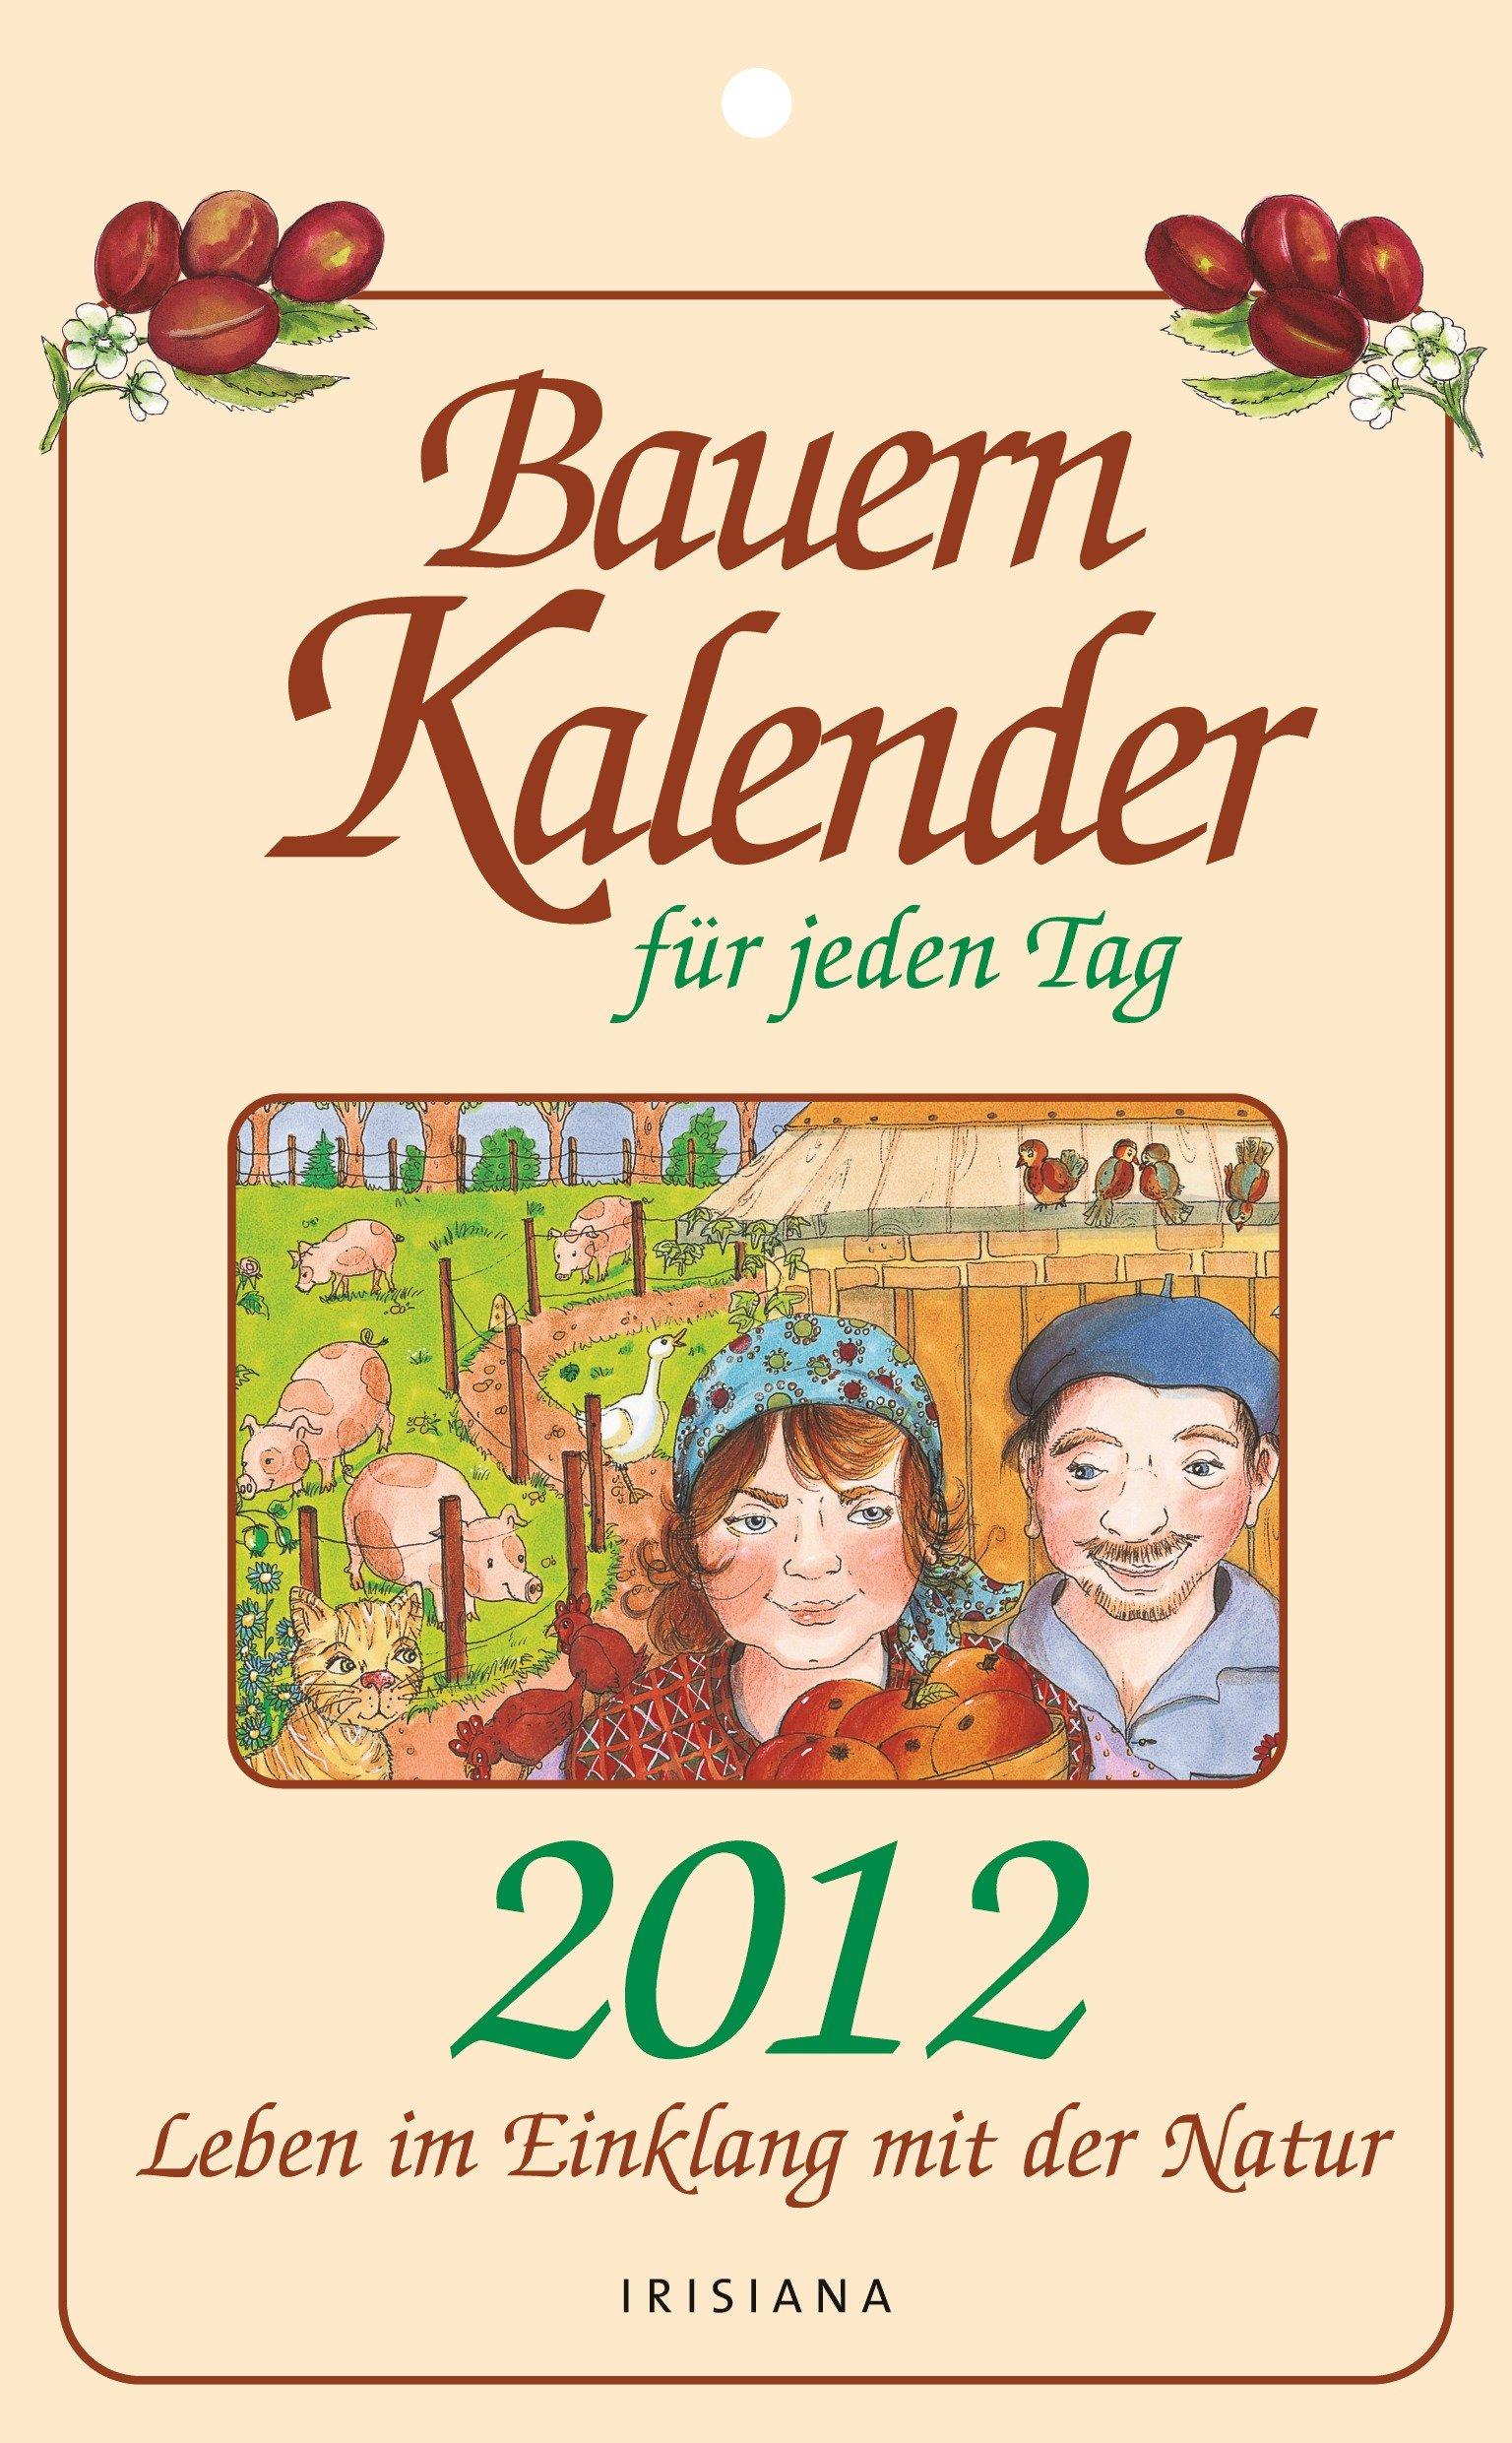 Bauernkalender für jeden Tag 2012: Leben im Einklang mit der Natur